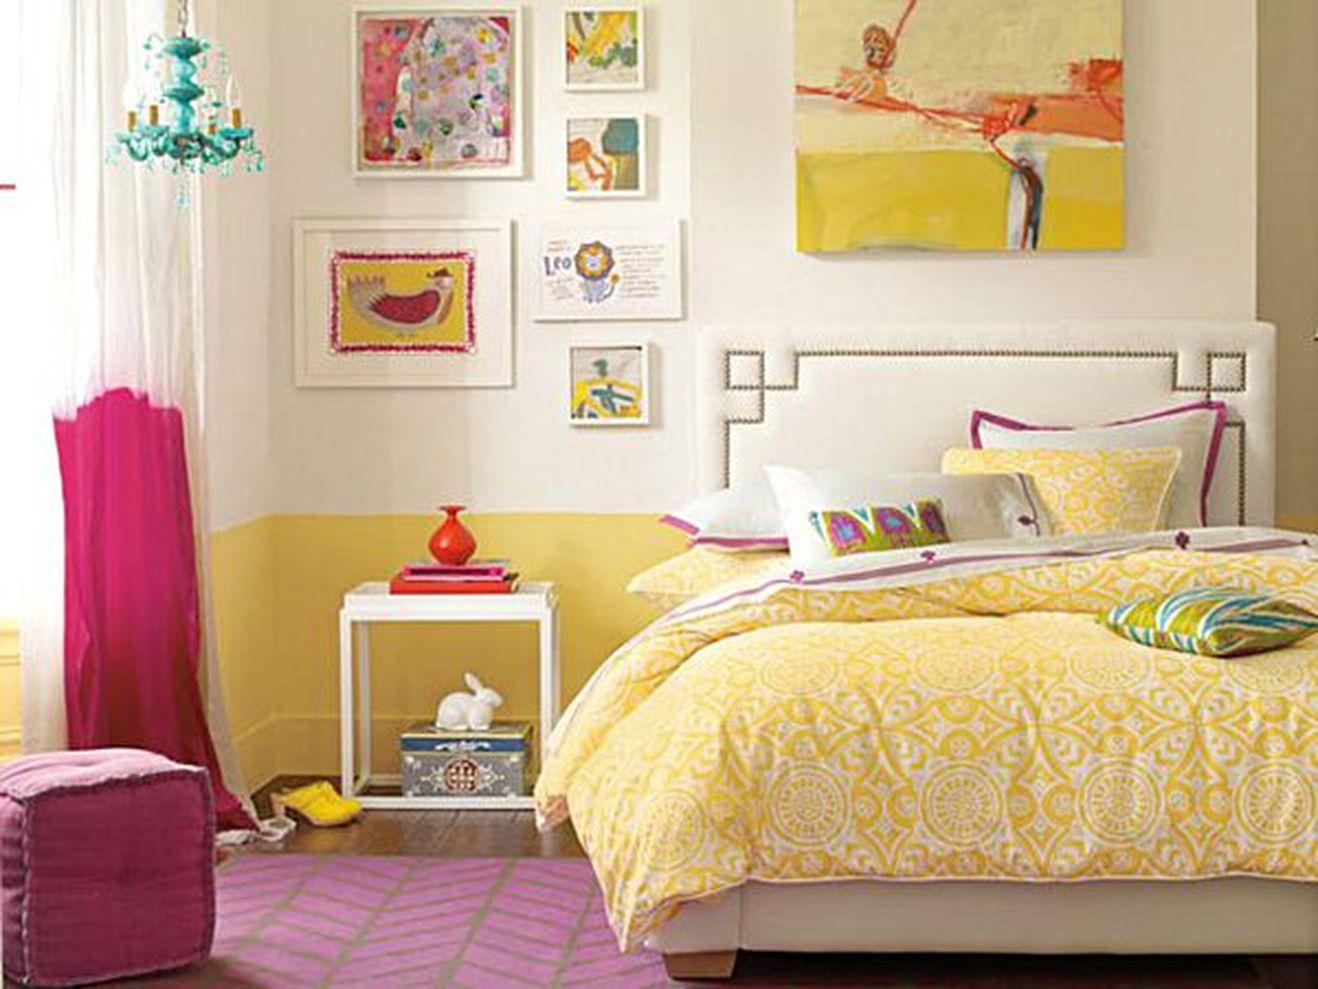 95+ Inspiring Bedroom Design Ideas Teenage Girl | Bedrooms